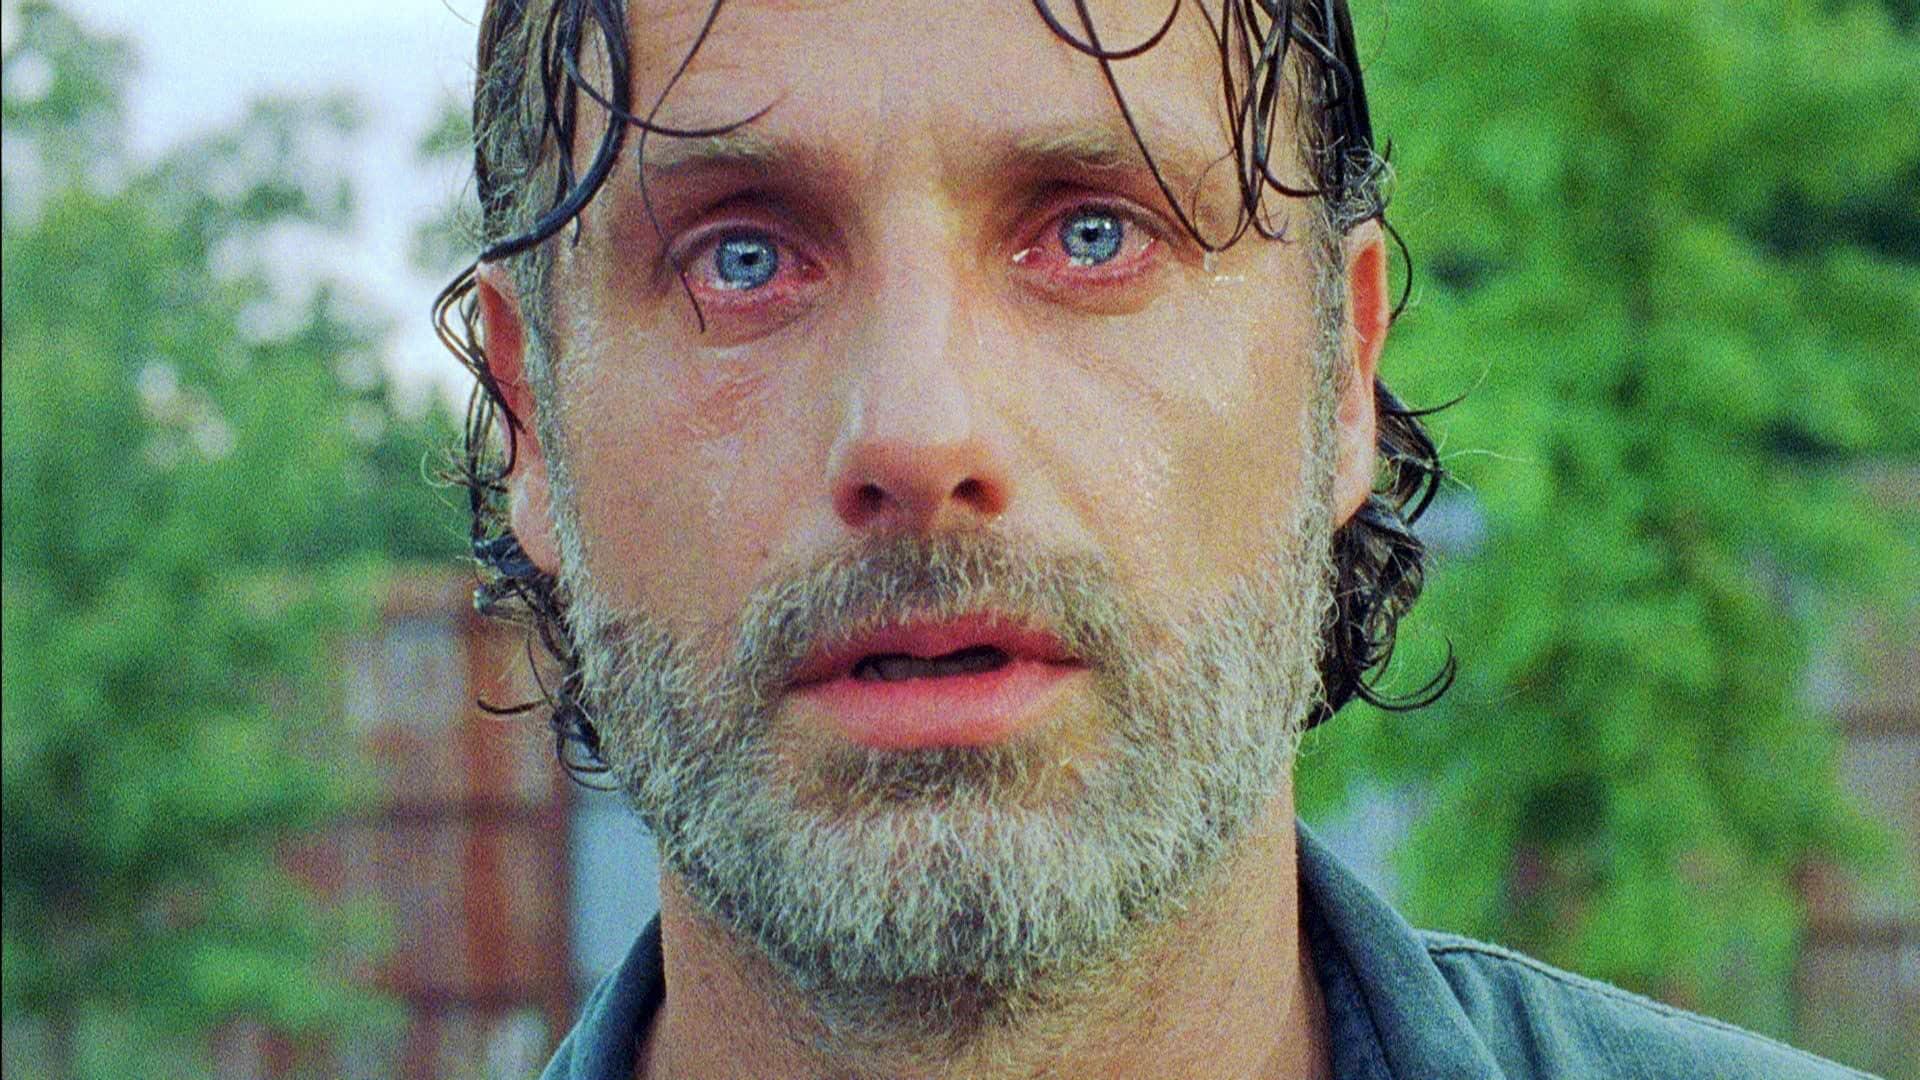 Nová Walking Dead teória naznačuje, že odchod Ricka bude brutálny!